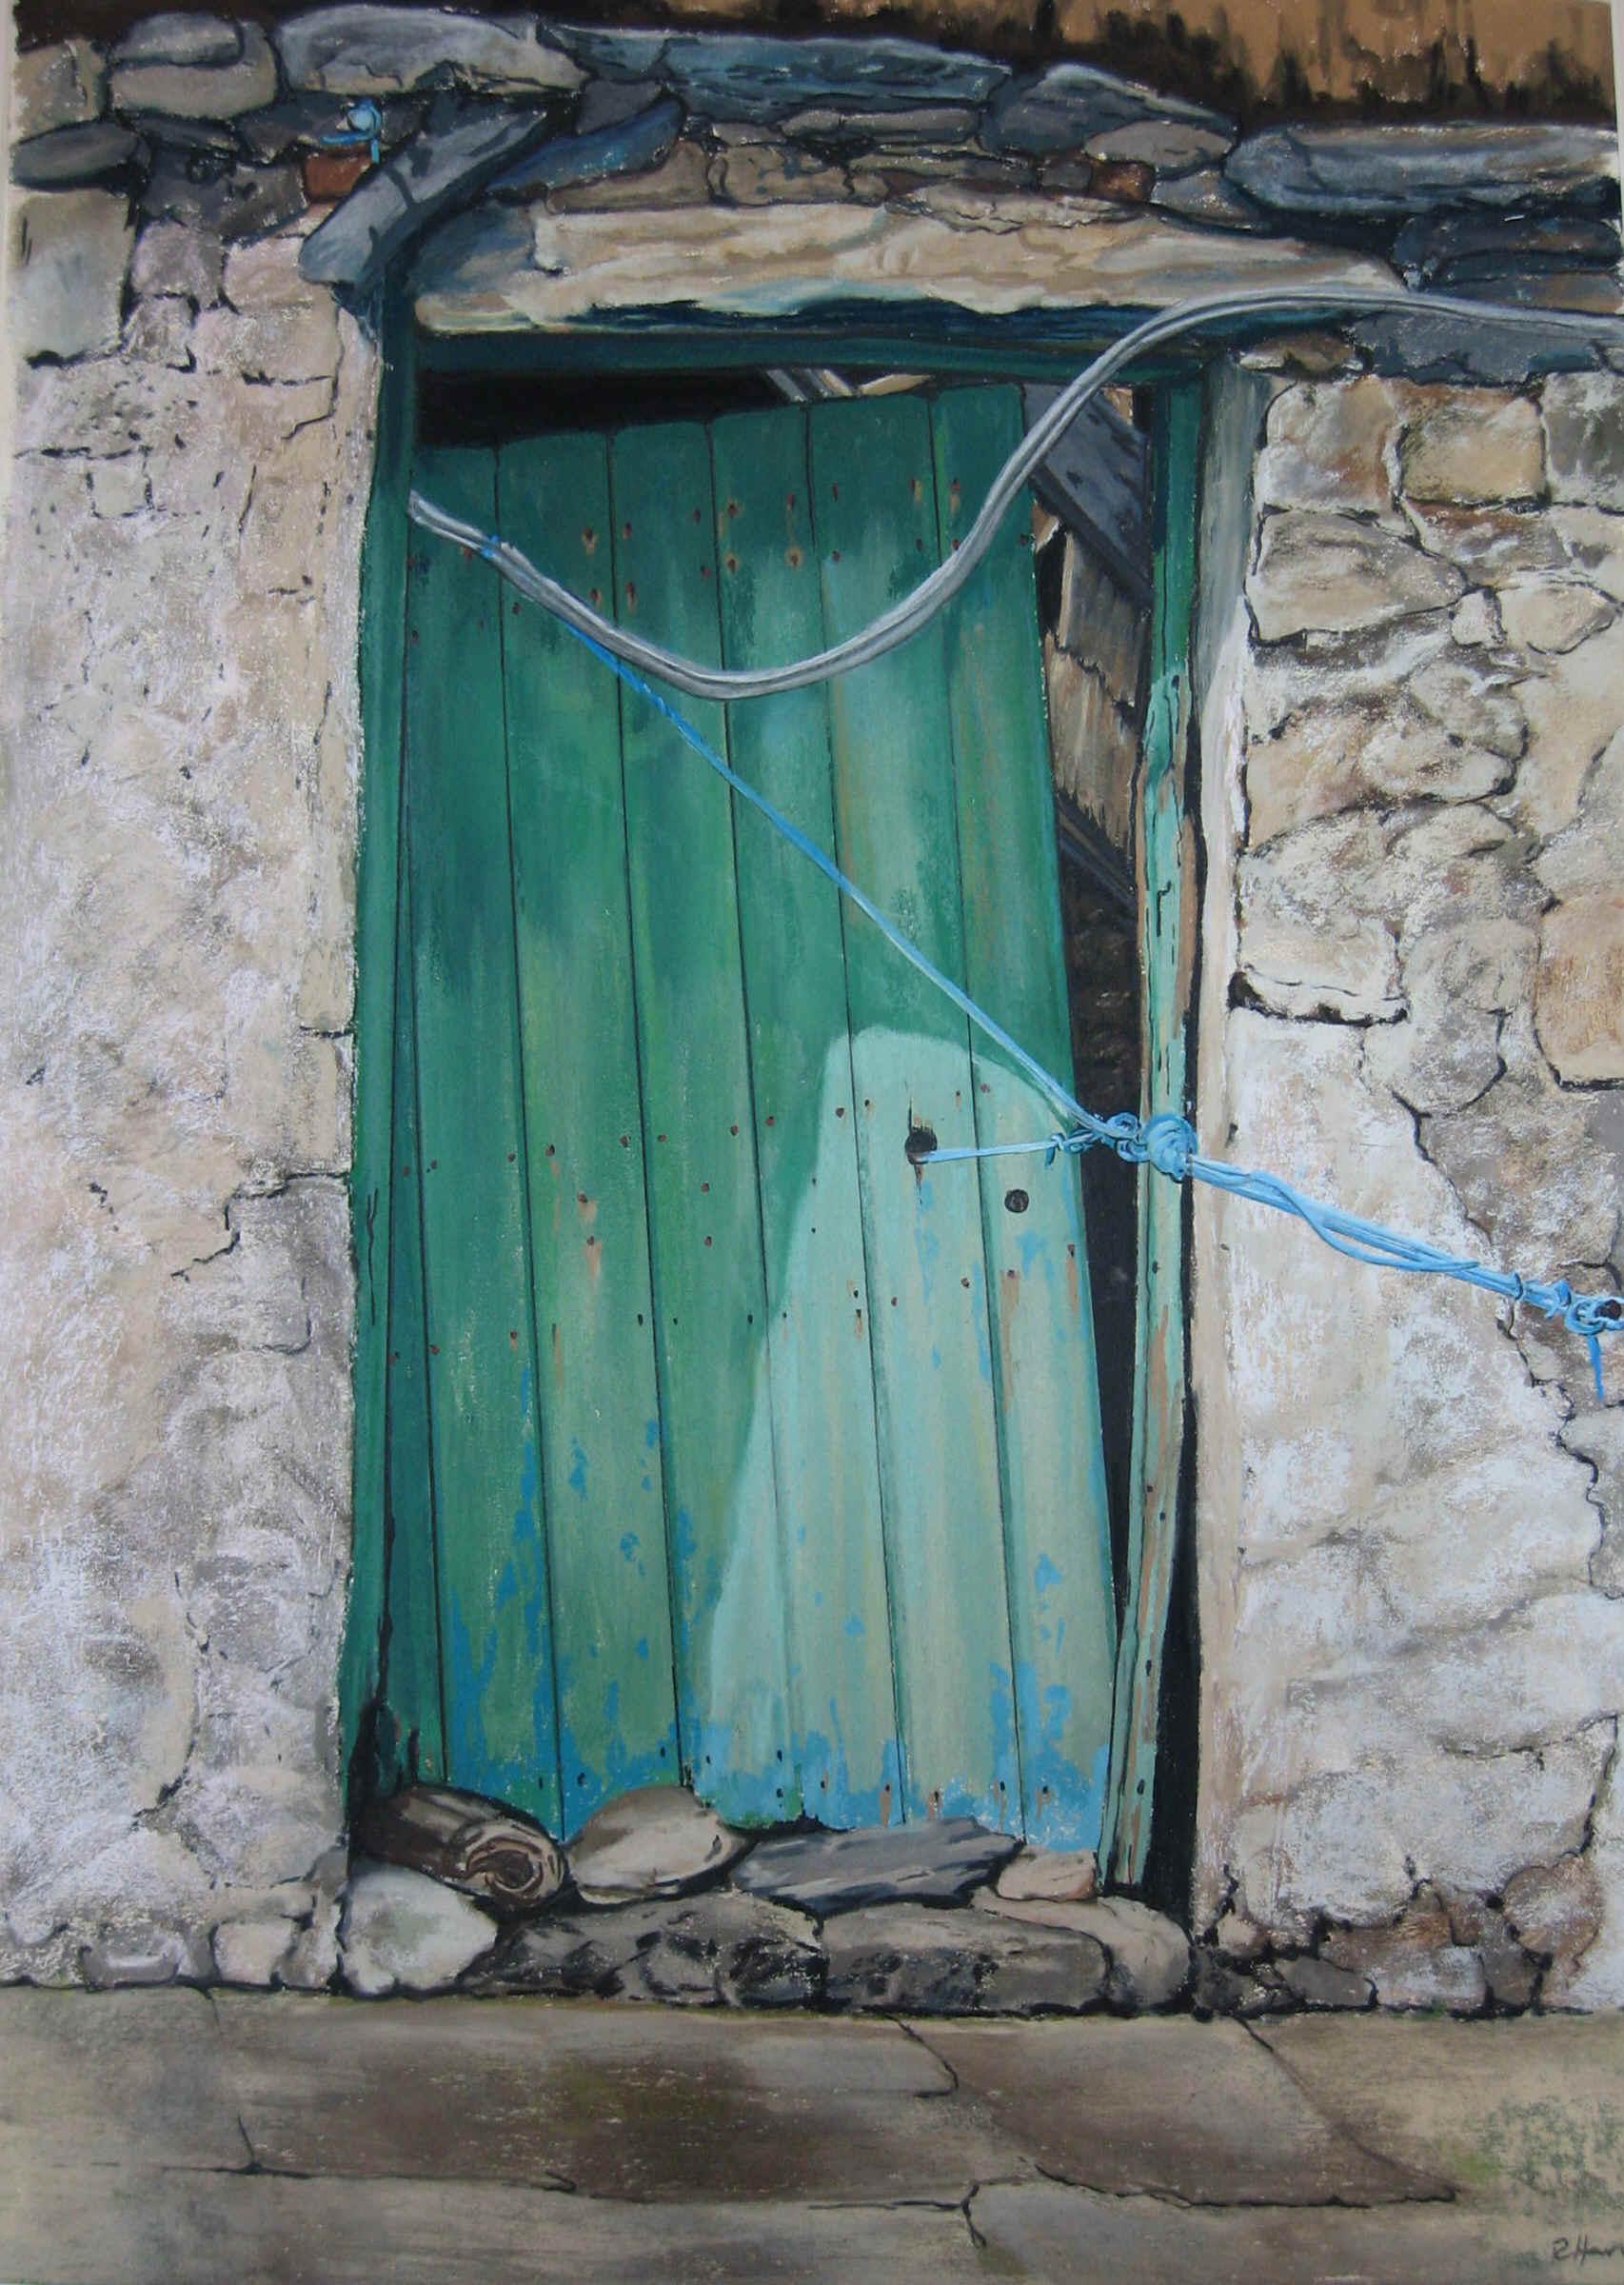 2400 #38766F Doors: Green Door save image Harvey Doors 43271706